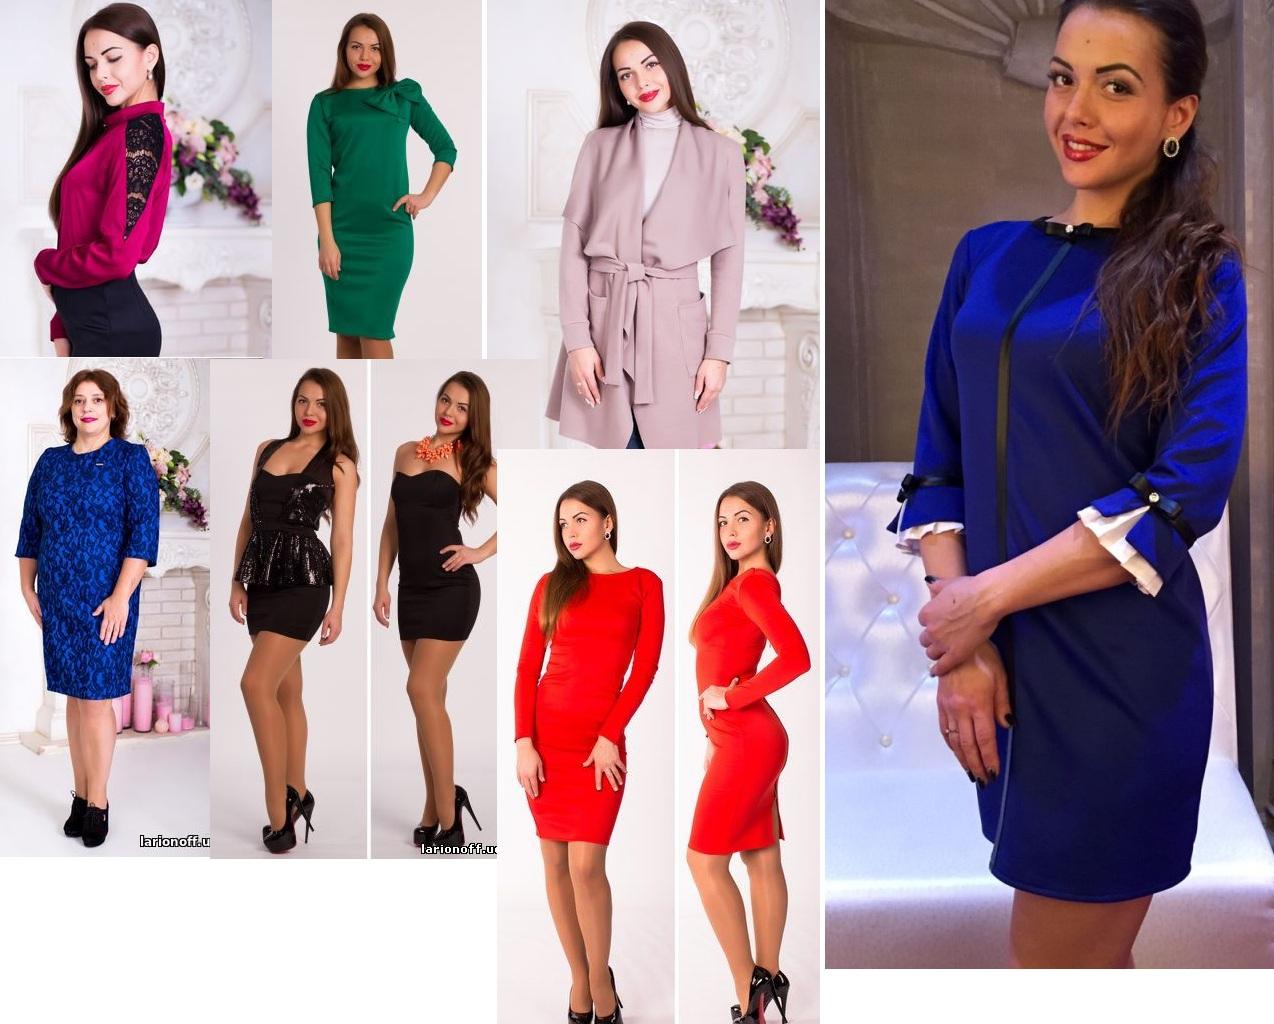 Сбор заказов. Молодежные платья, сарафаны и блузки из Украины: Ларионофф. Сейчас и в больших размерах.Без рядов!